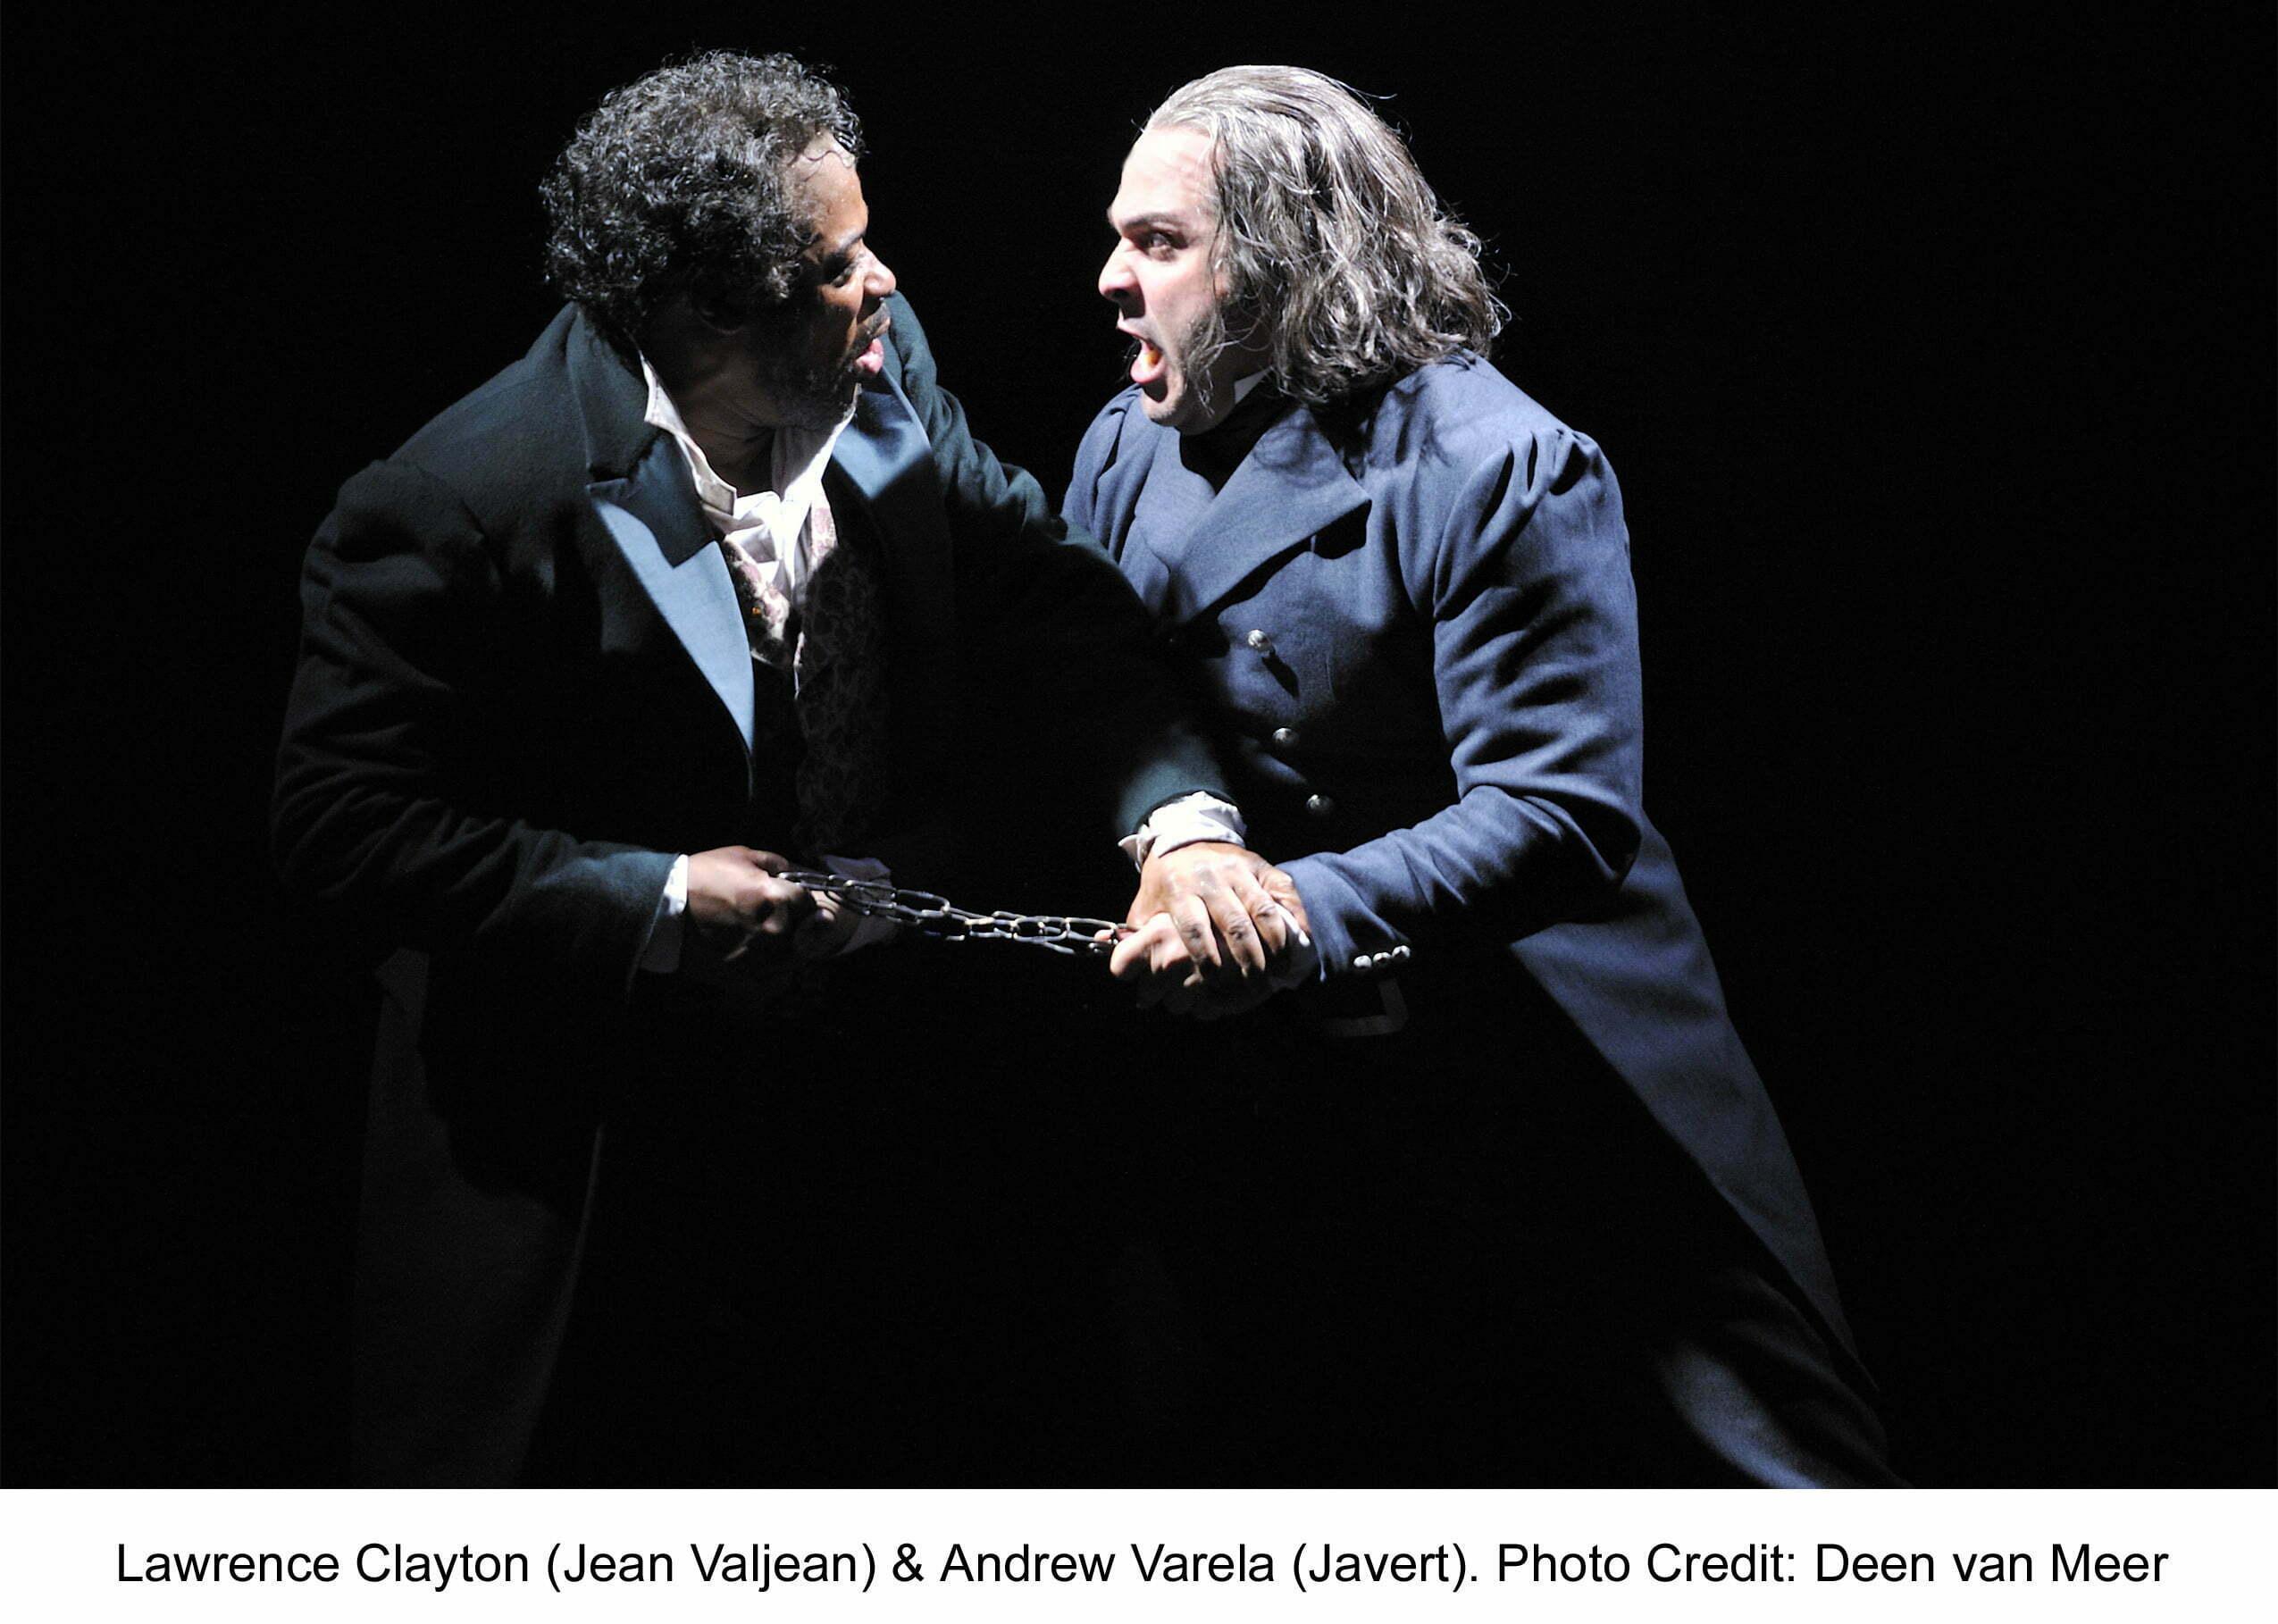 Les Miserables National Tour 2011 - Theatre reviews